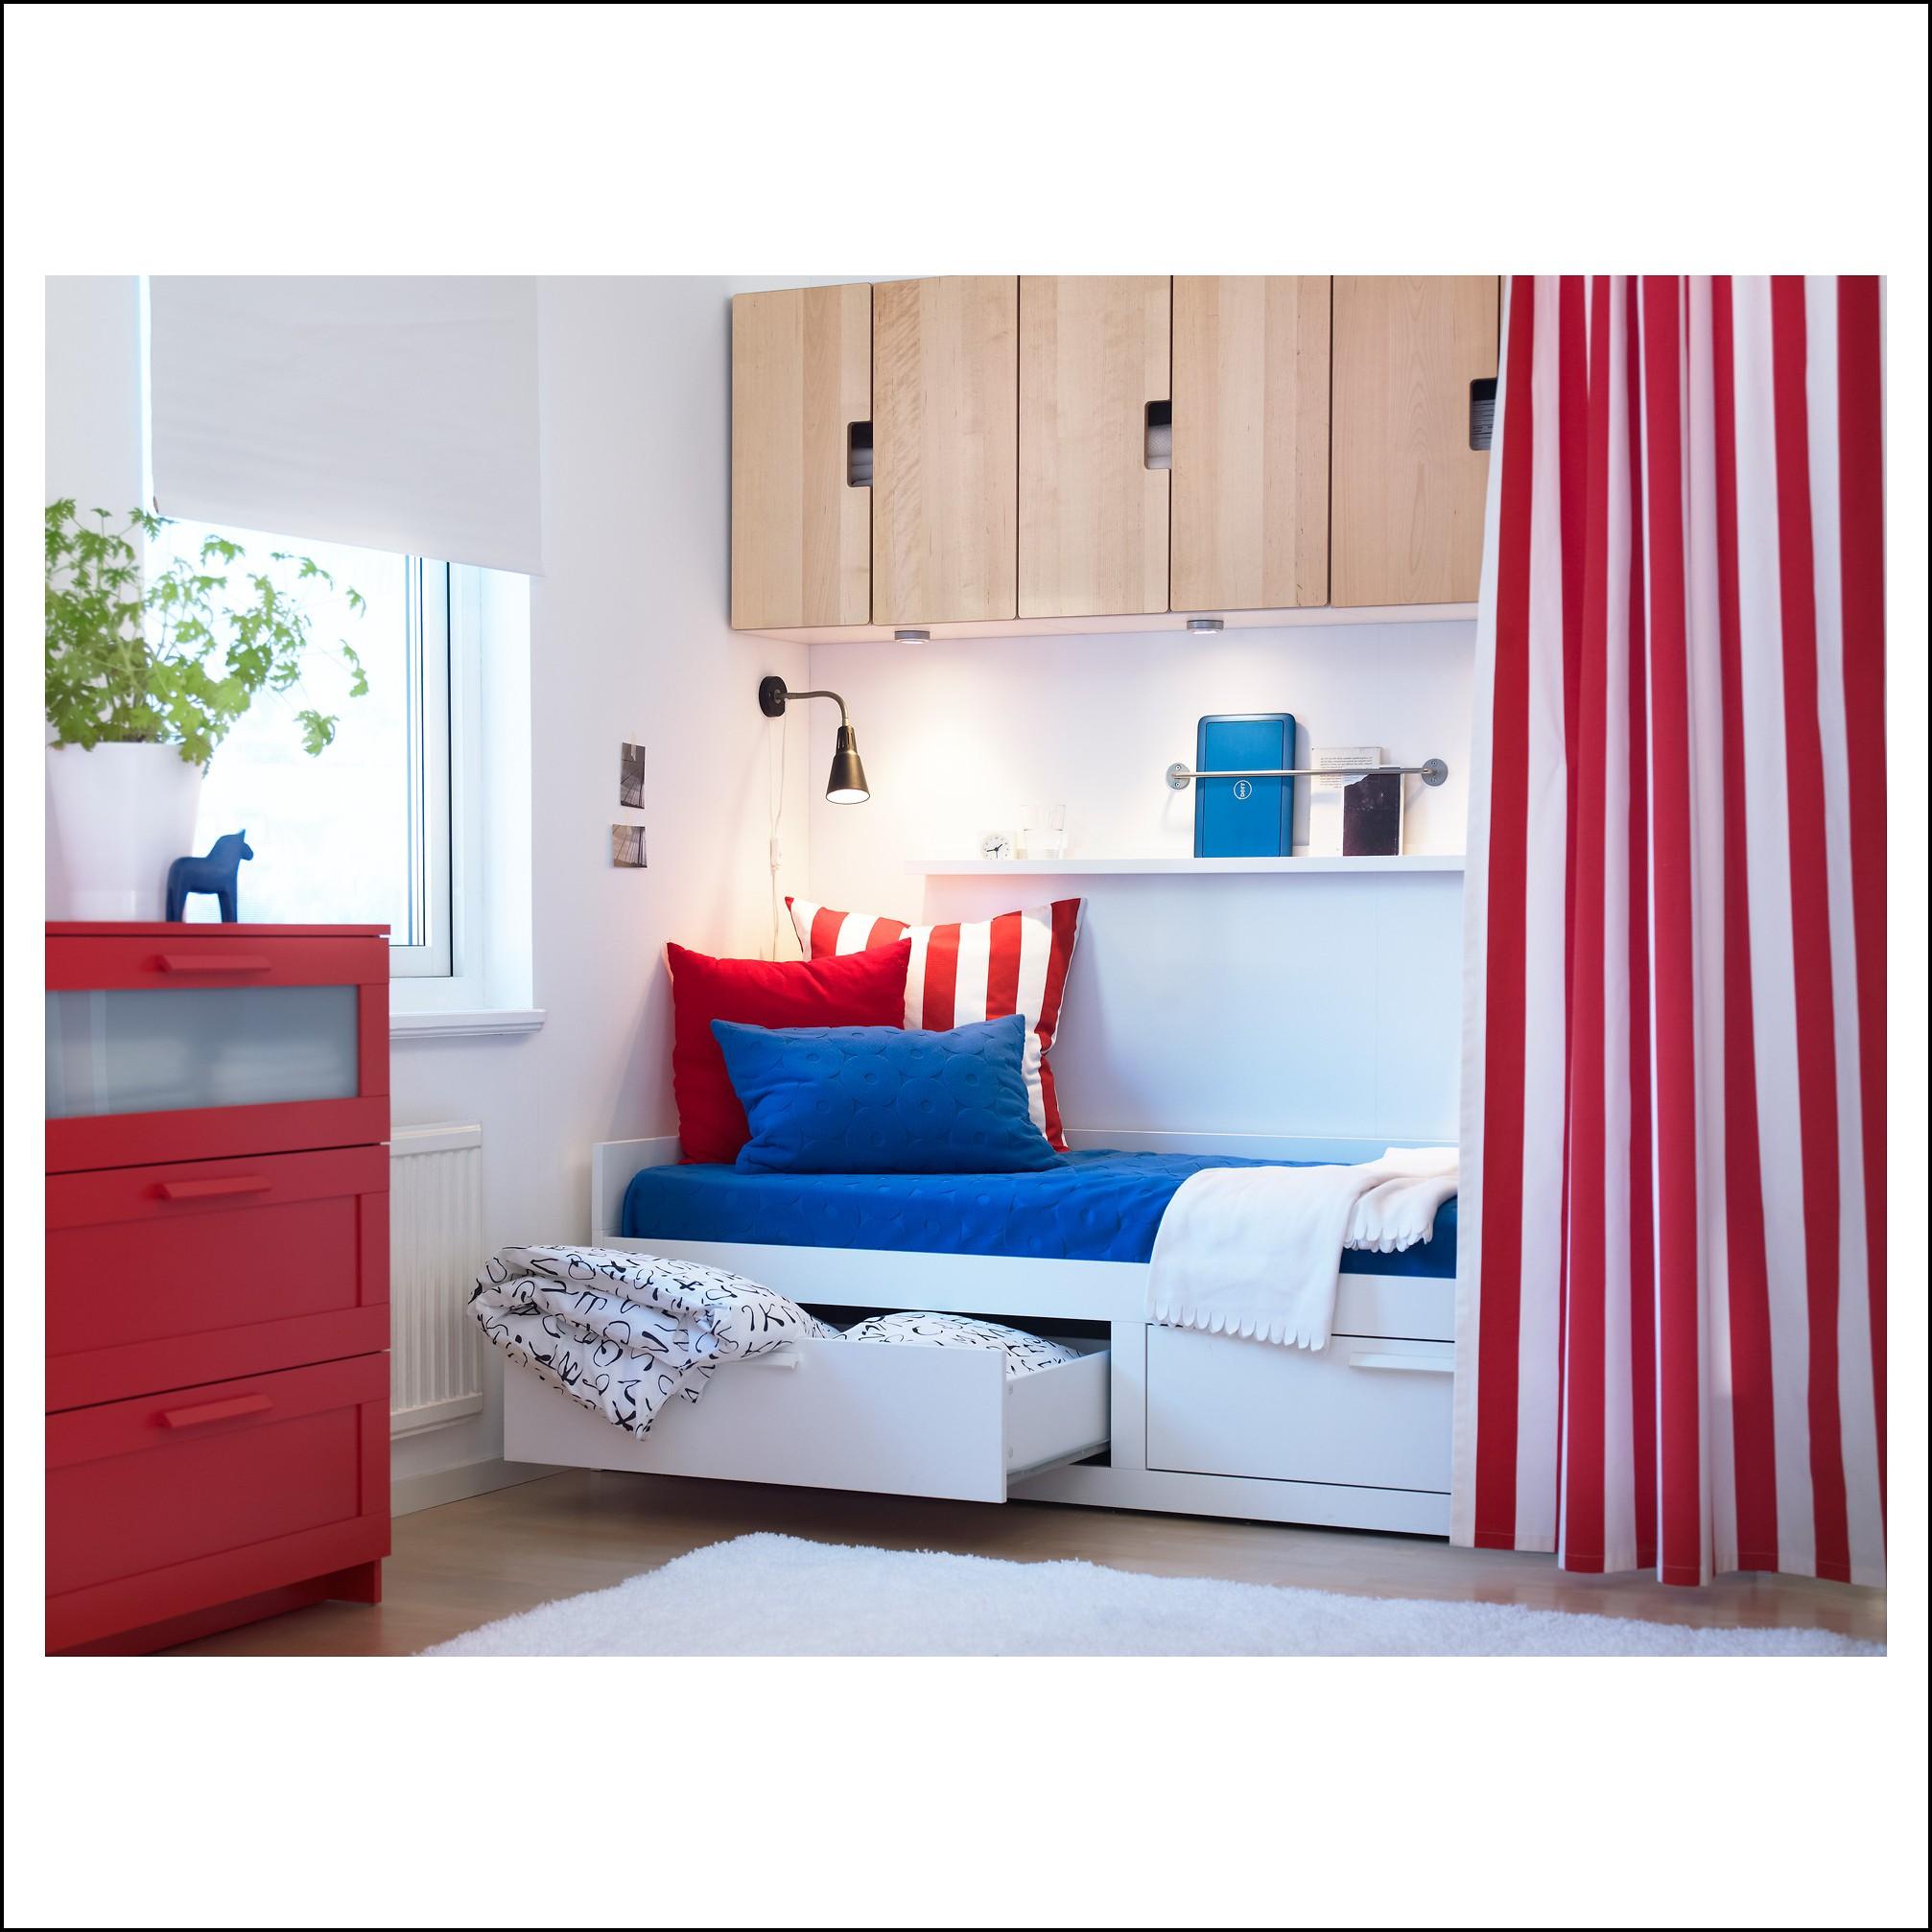 ikea brimnes bett bewertung betten house und dekor. Black Bedroom Furniture Sets. Home Design Ideas